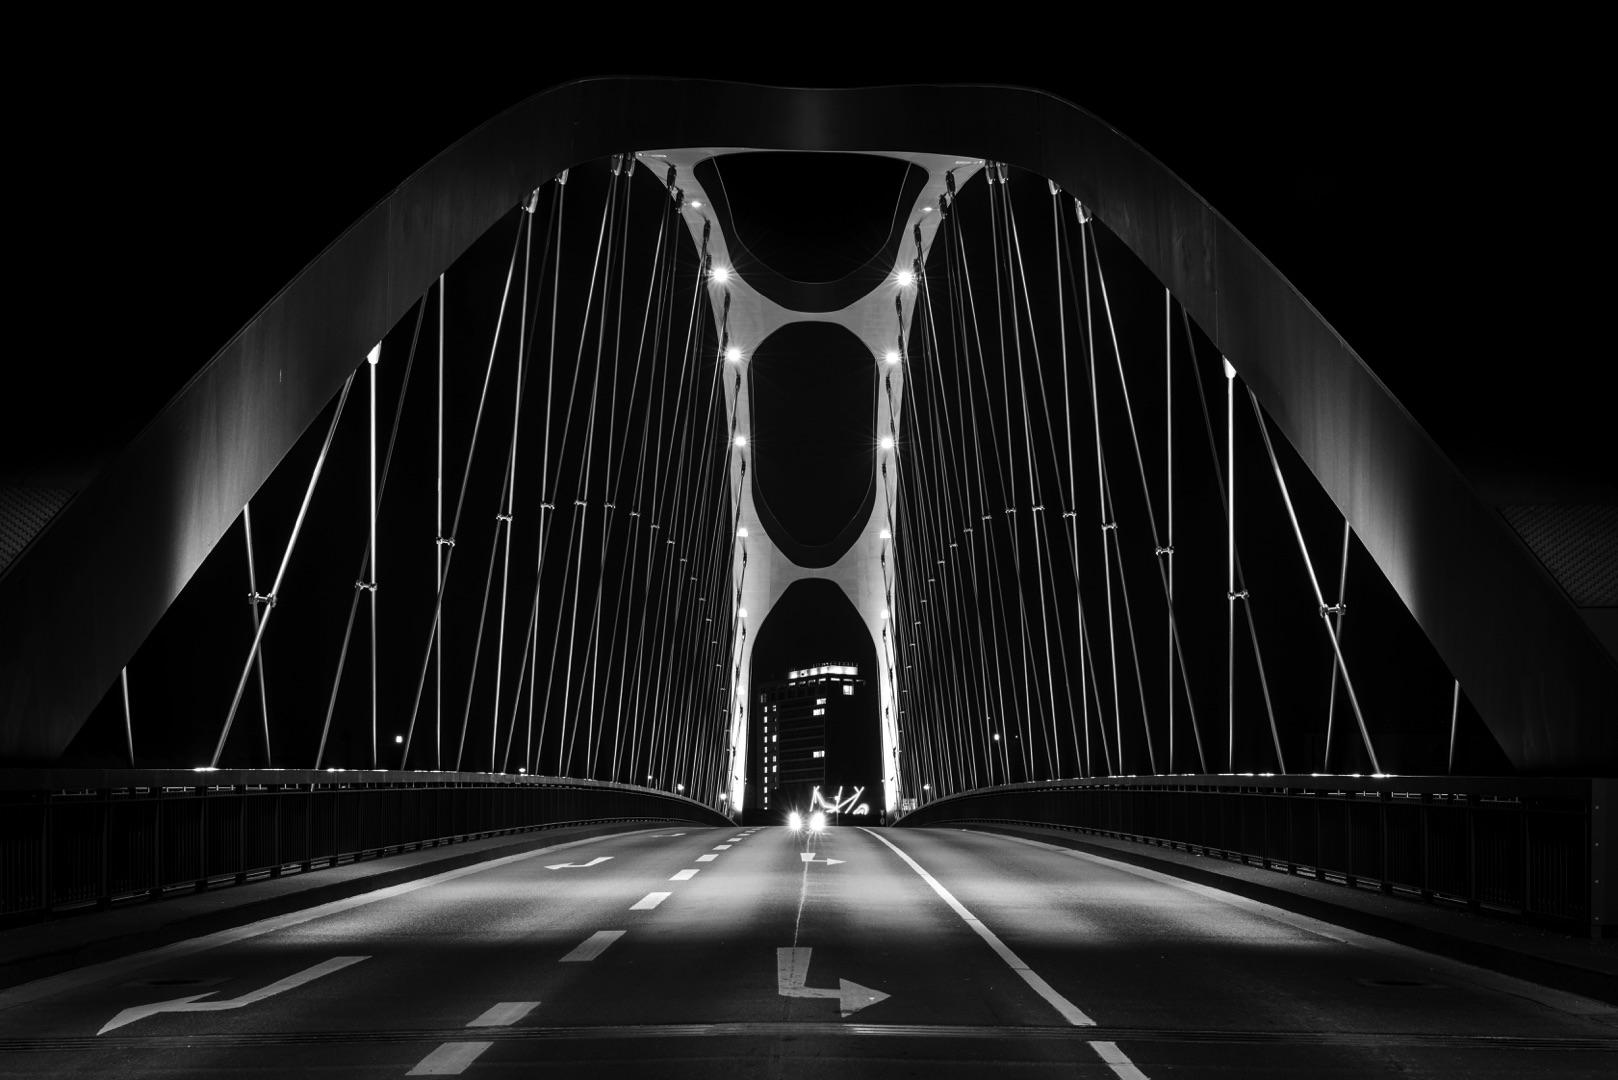 Bernd Ullrich, Osthafenbrücke Frankfurt